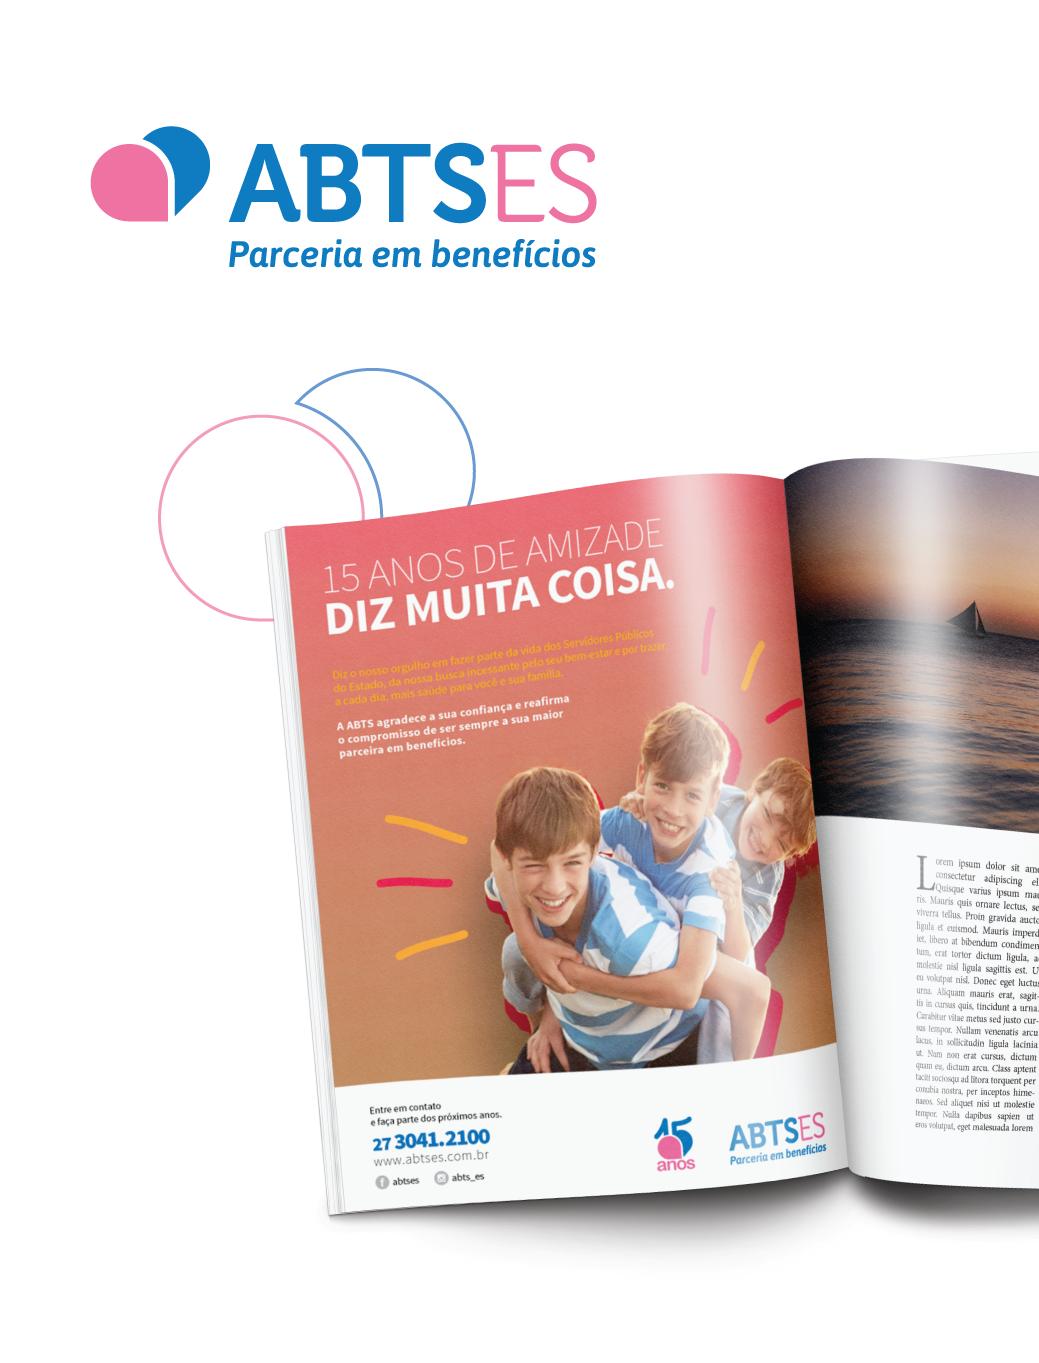 WCE-Portifolio-ABTS_Anuncios2